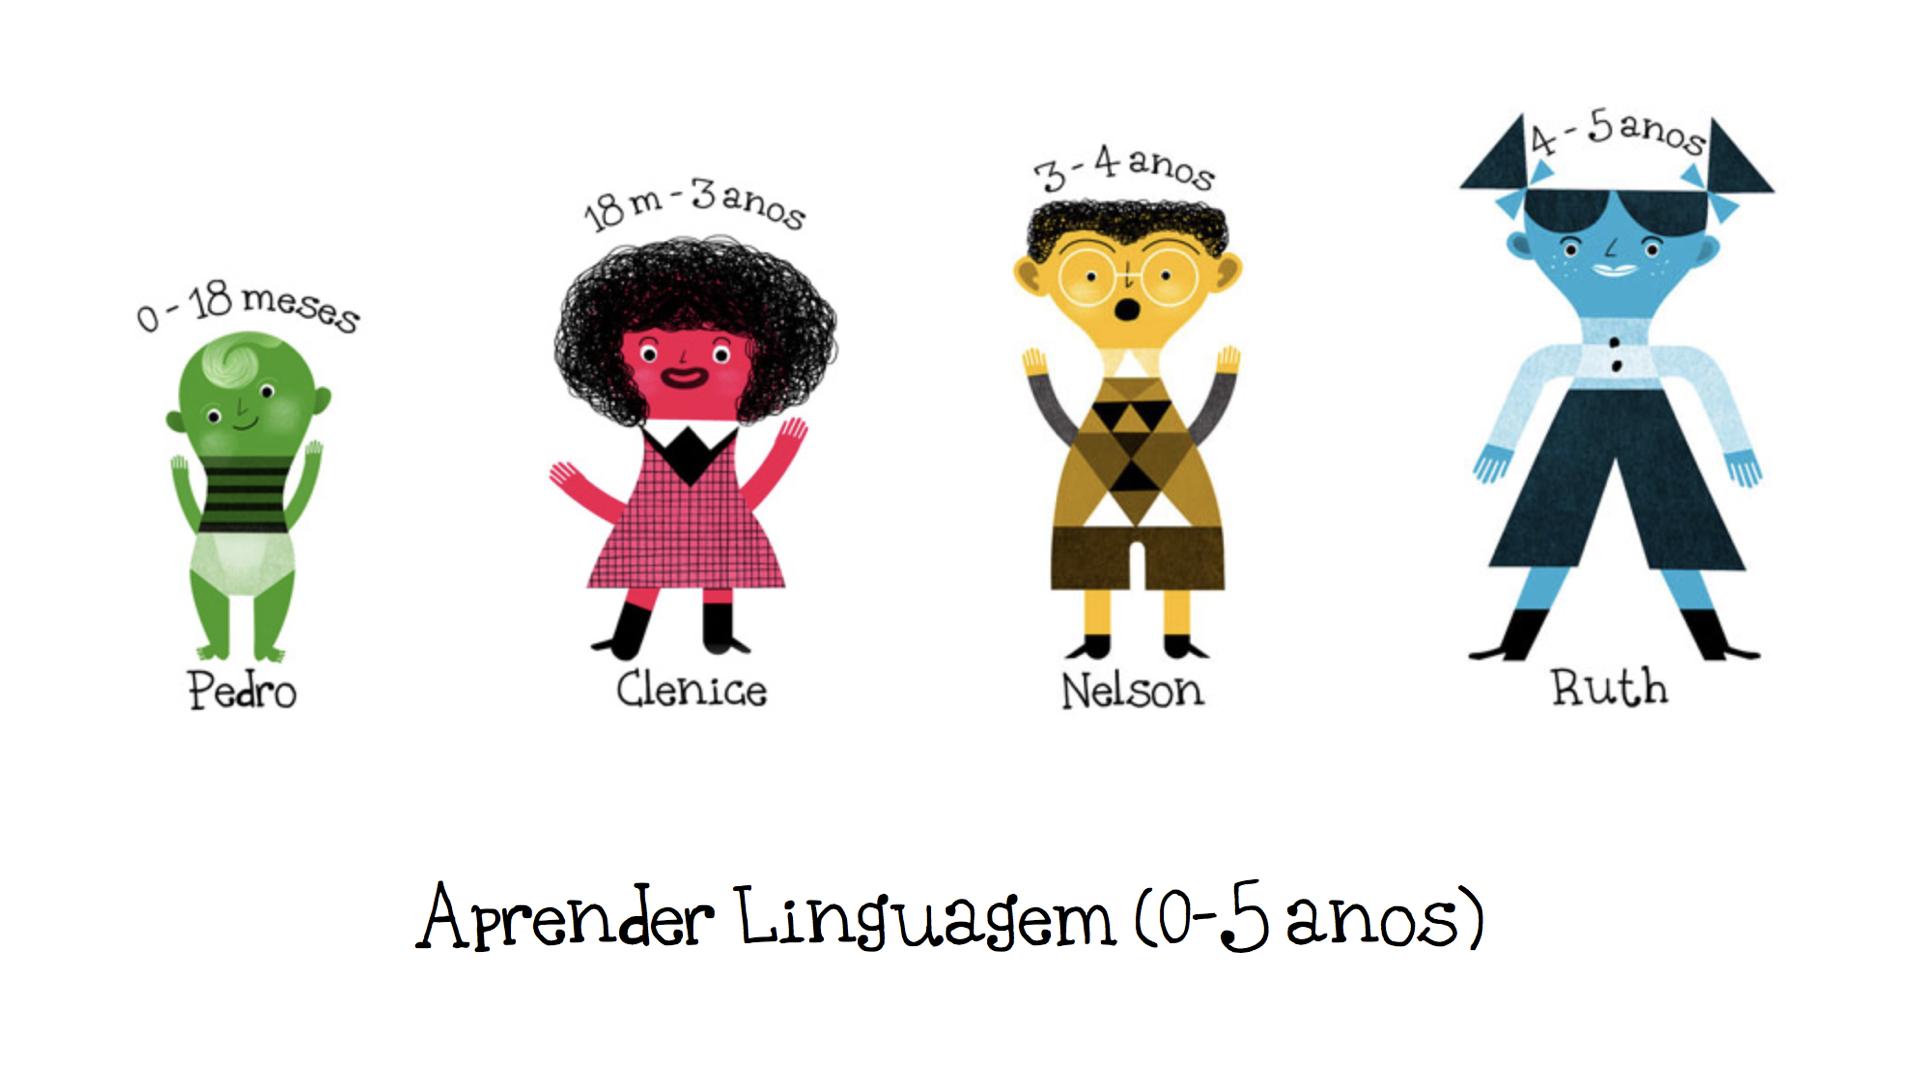 Aprender linguagem: no ritmo do samba